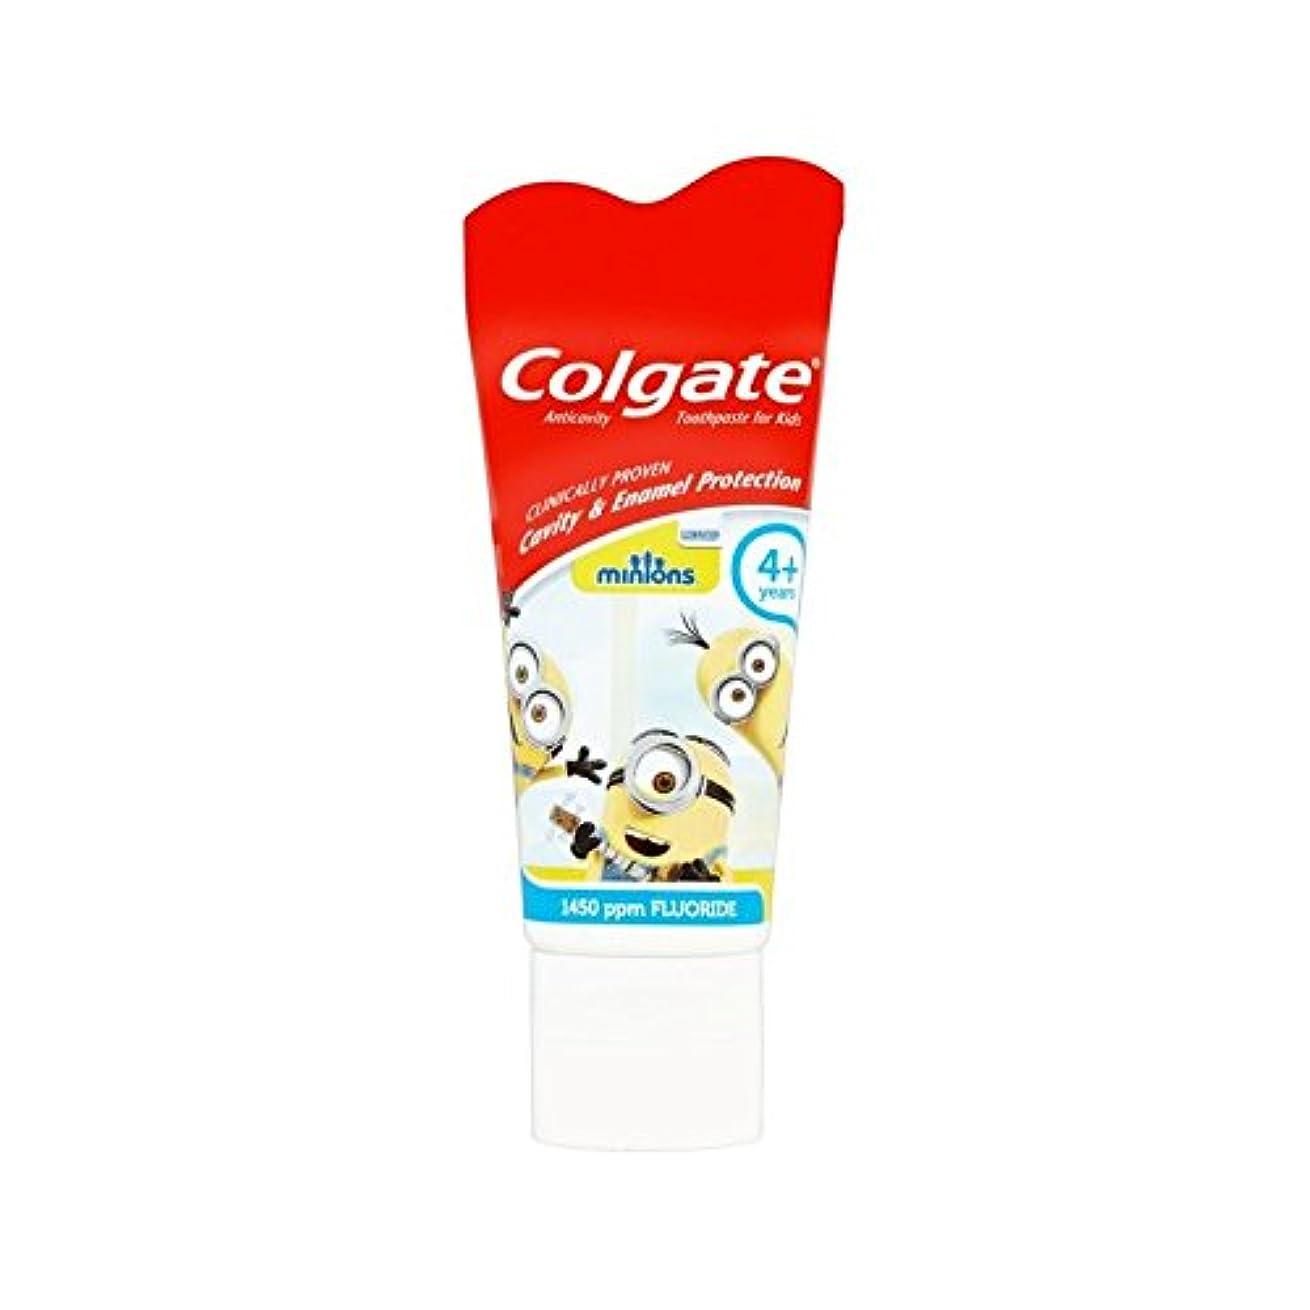 吐き出すタンザニア偽造手下の子供4+歯磨き粉50ミリリットル (Colgate) (x 2) - Colgate Minions Kids 4+ Toothpaste 50ml (Pack of 2) [並行輸入品]